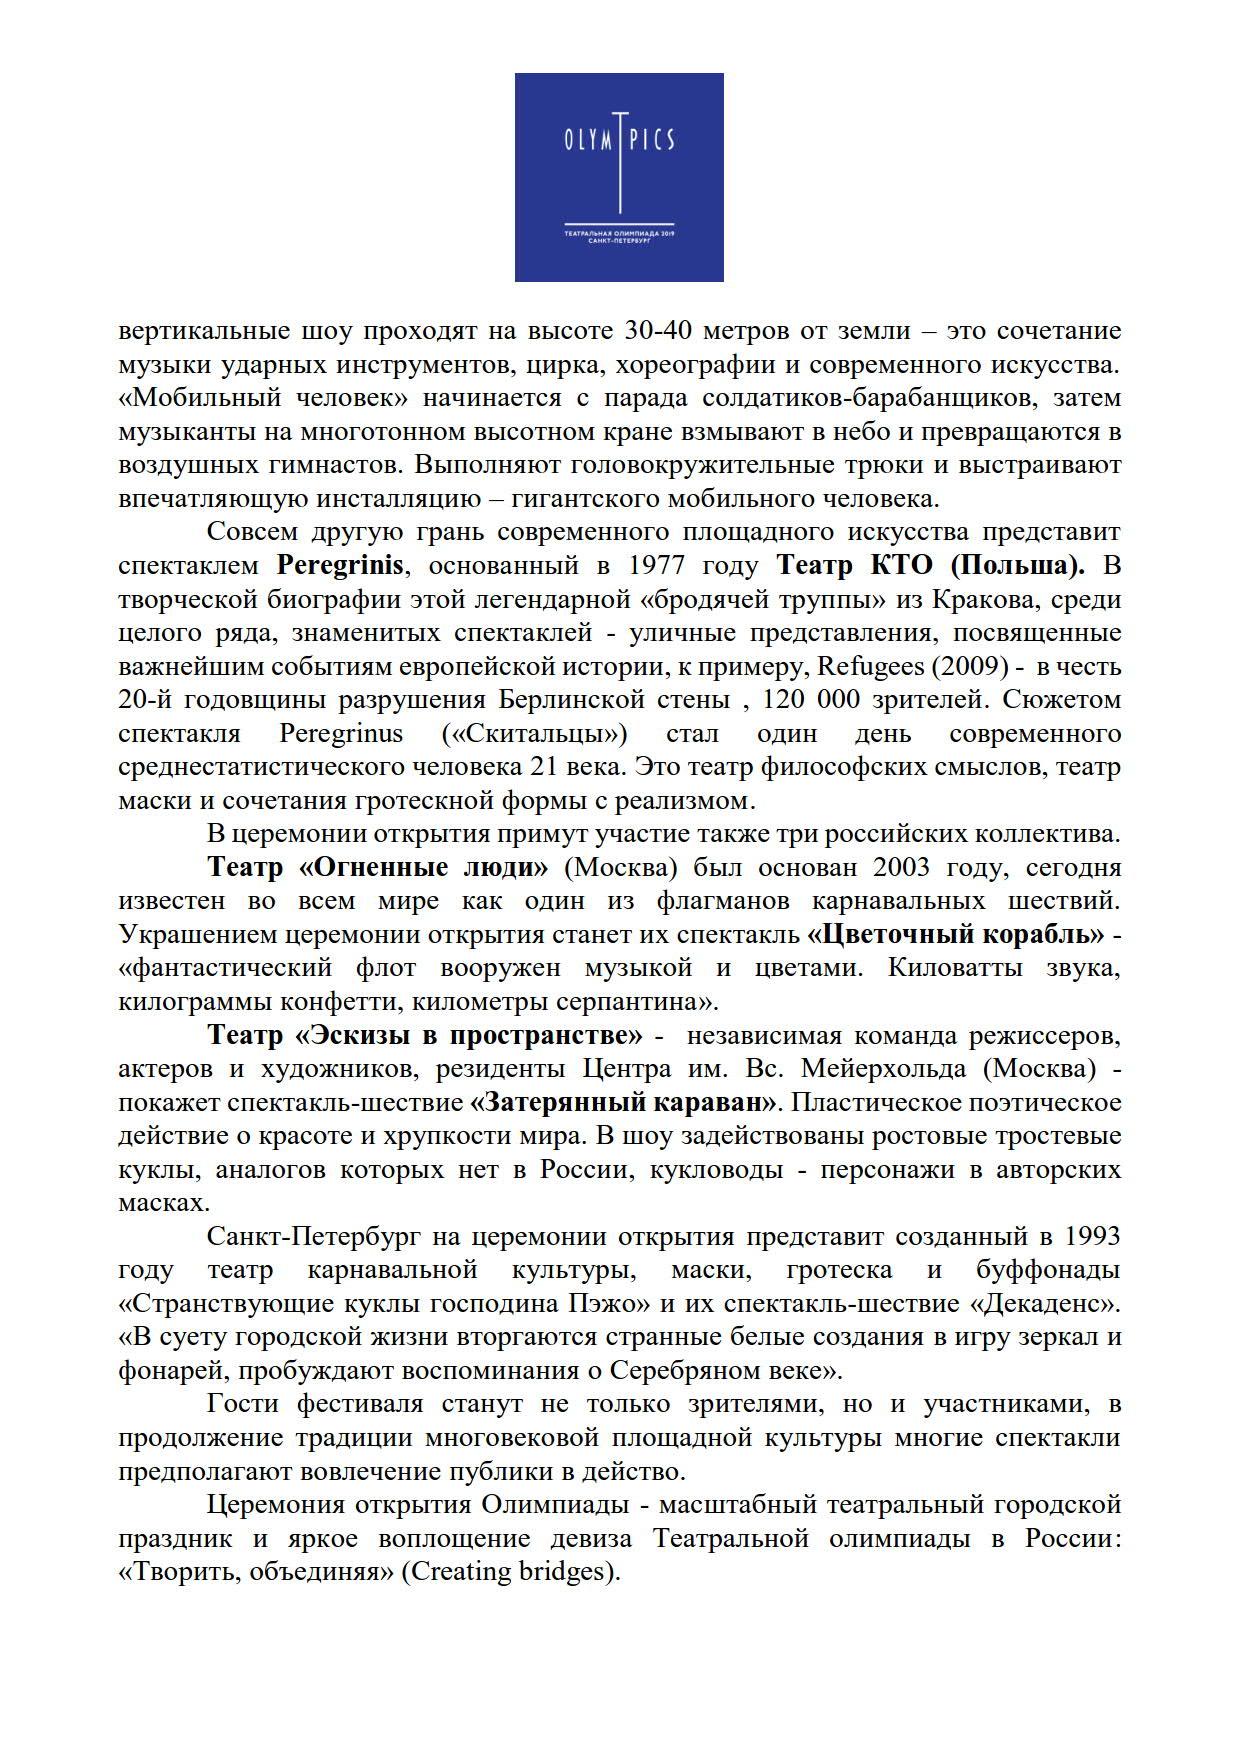 Пресс-релиз Театральная Олимпиада_2